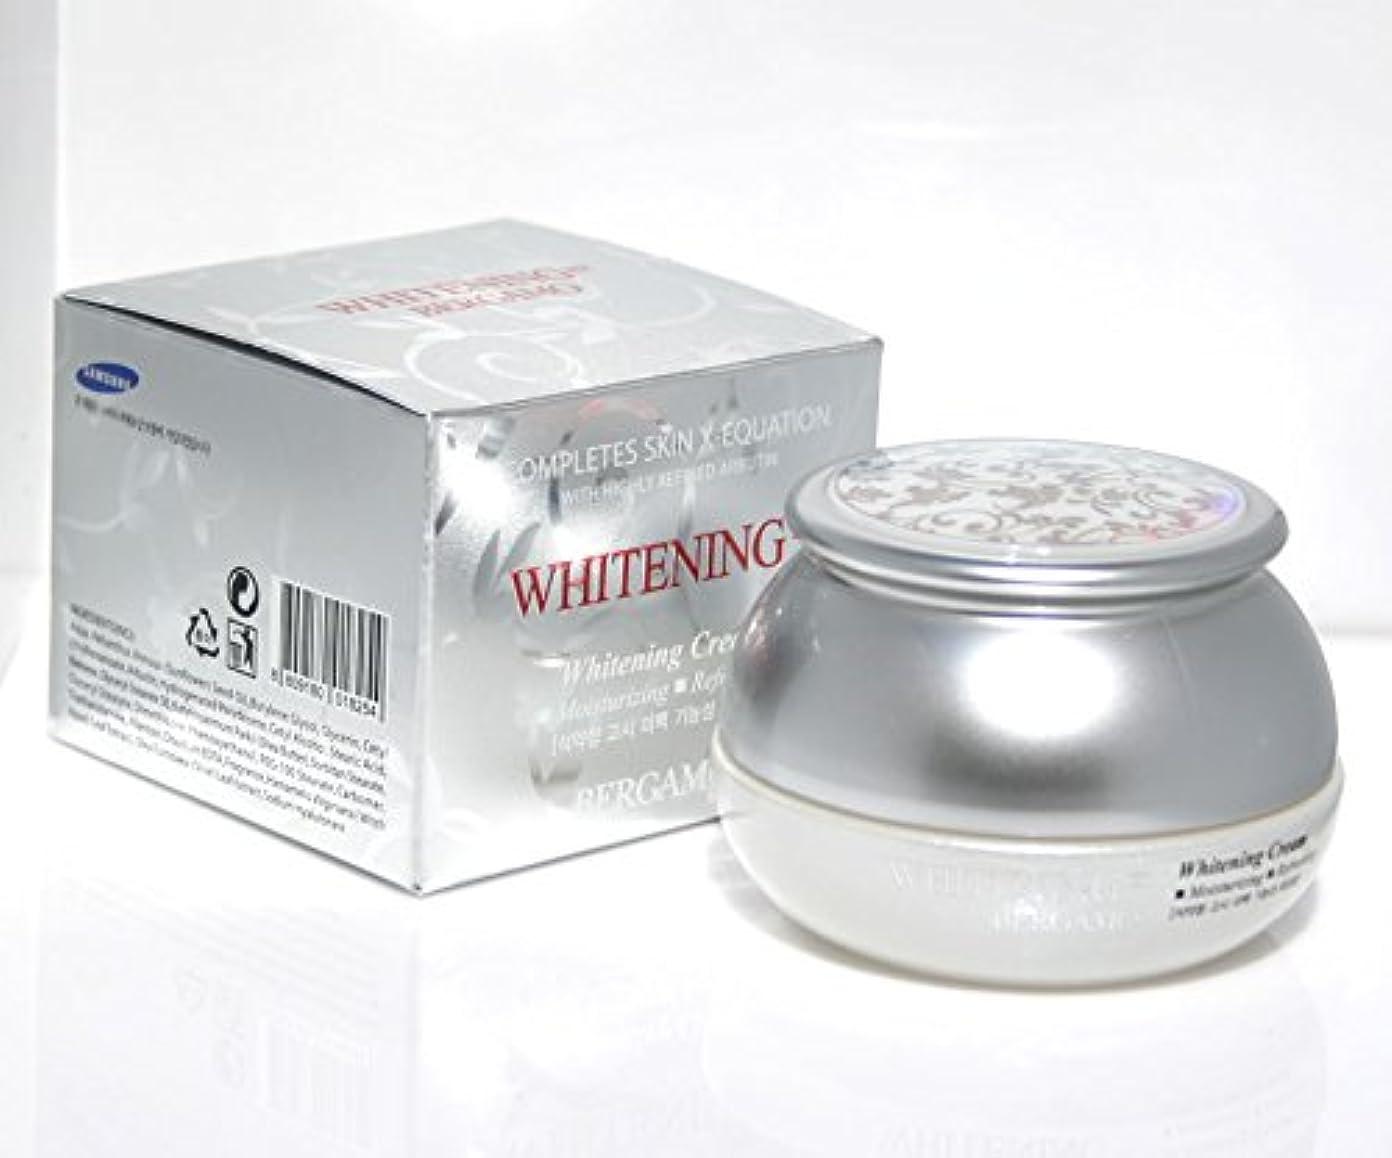 堤防ネコアーティスト【ベルガモ][Bergamo]  は、高度に精製アルブチンホワイトニング例クリーム50g /  Completes Skin X-equation with Highly Refined Albutin Whitening...